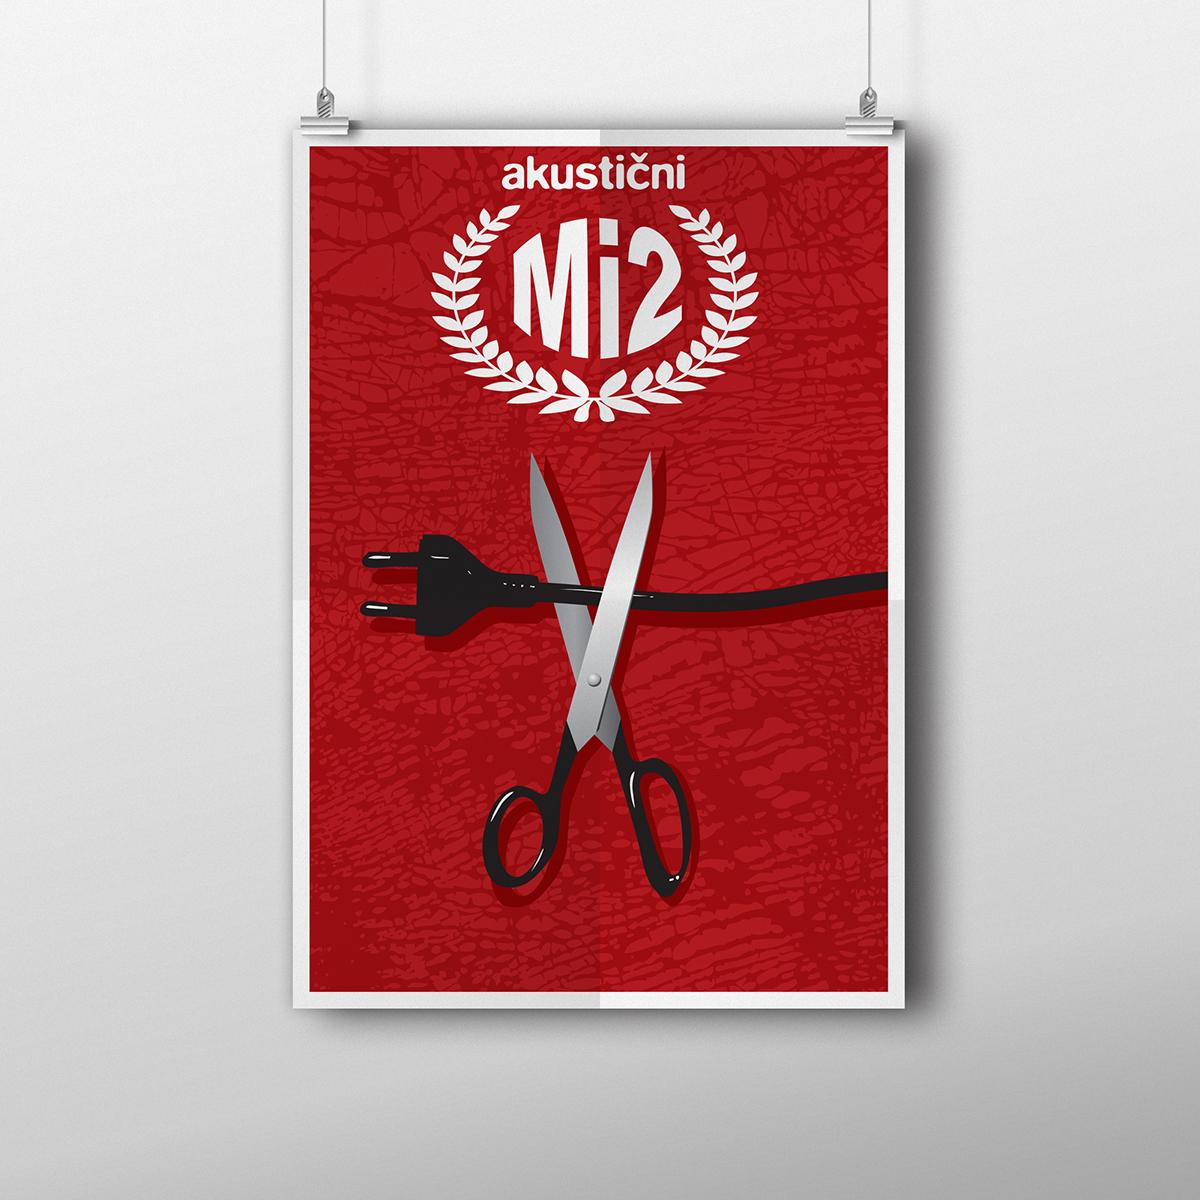 Mi2 - Akustični